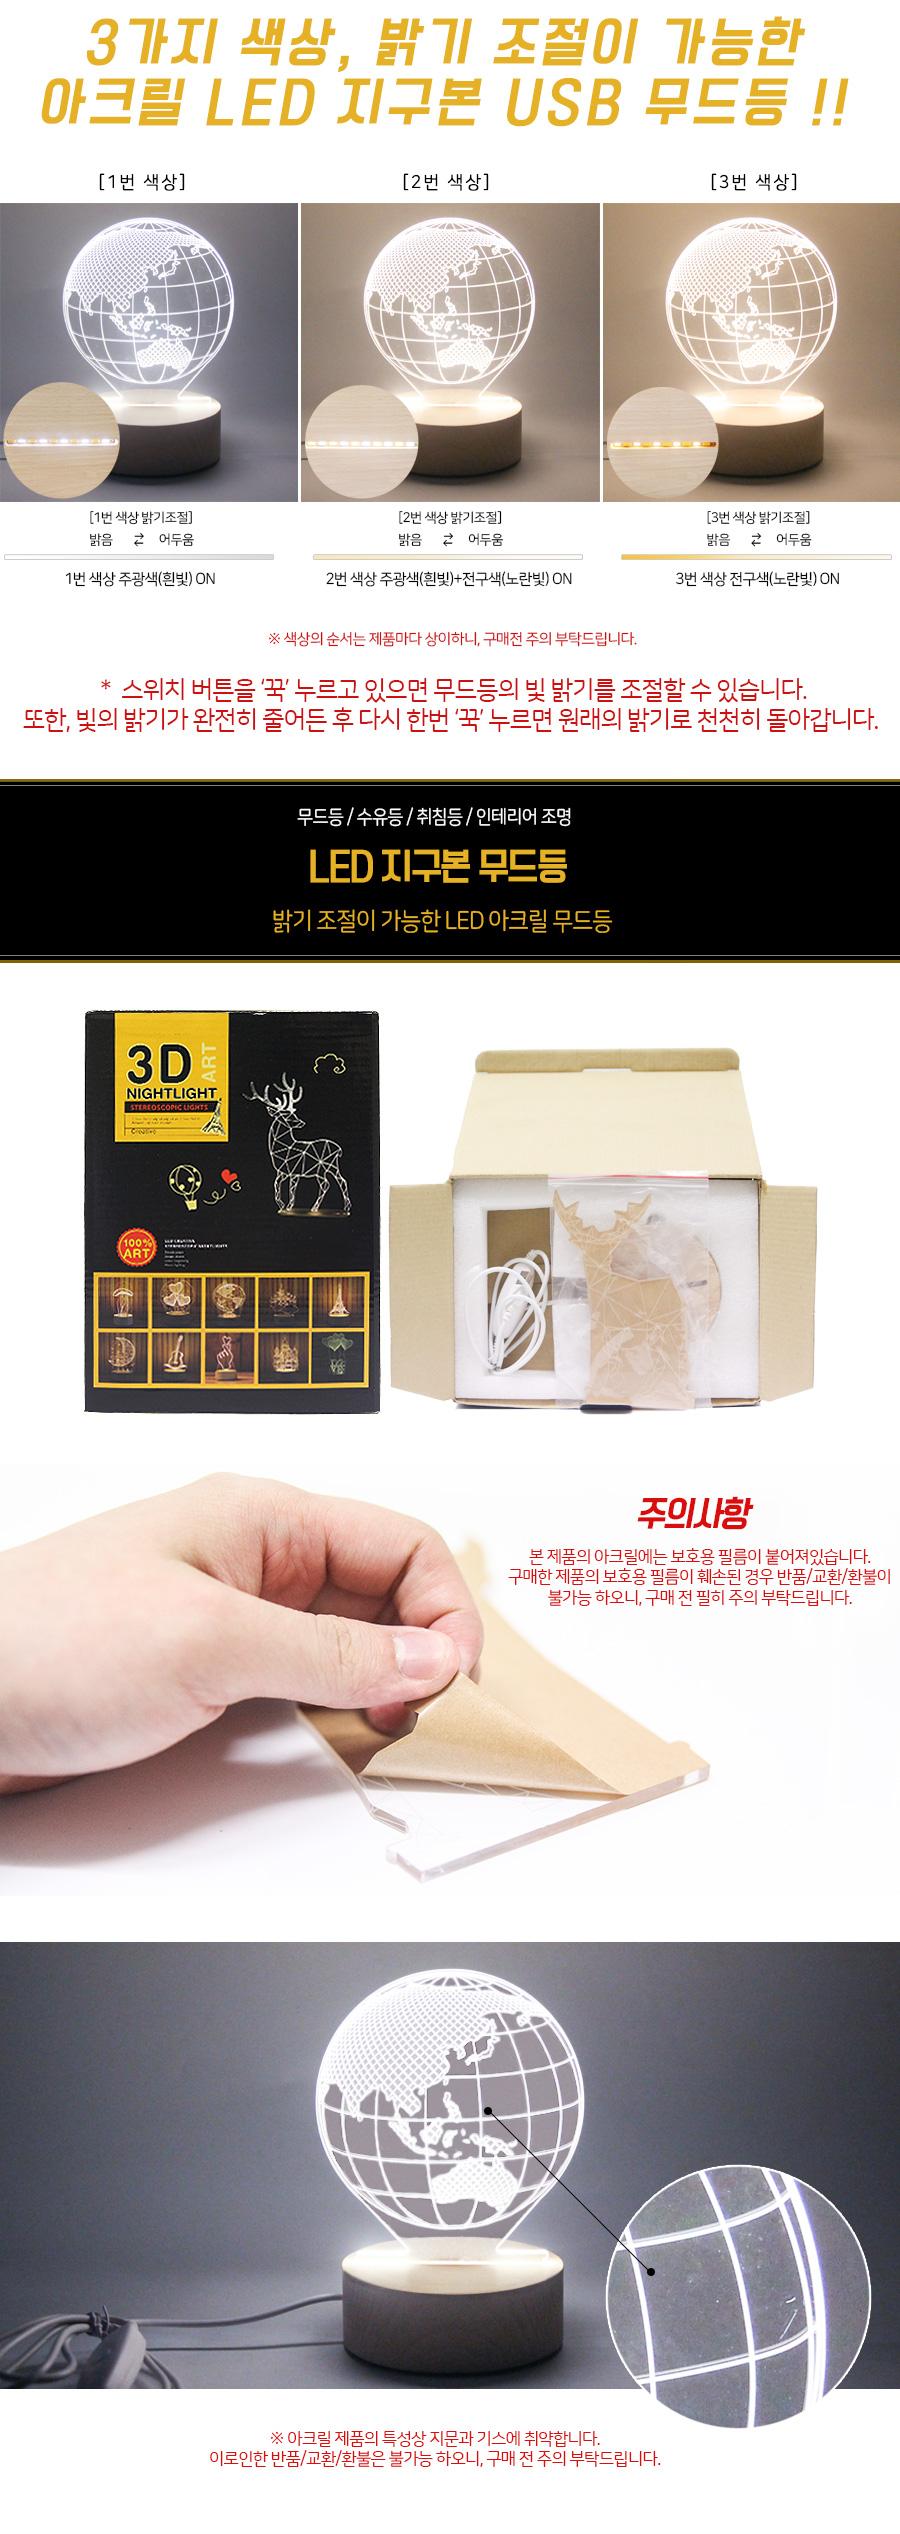 지구본 LED 아크릴 USB 무드등 (밝기조절가능) - 미트라샵, 30,000원, 리빙조명, 테이블조명